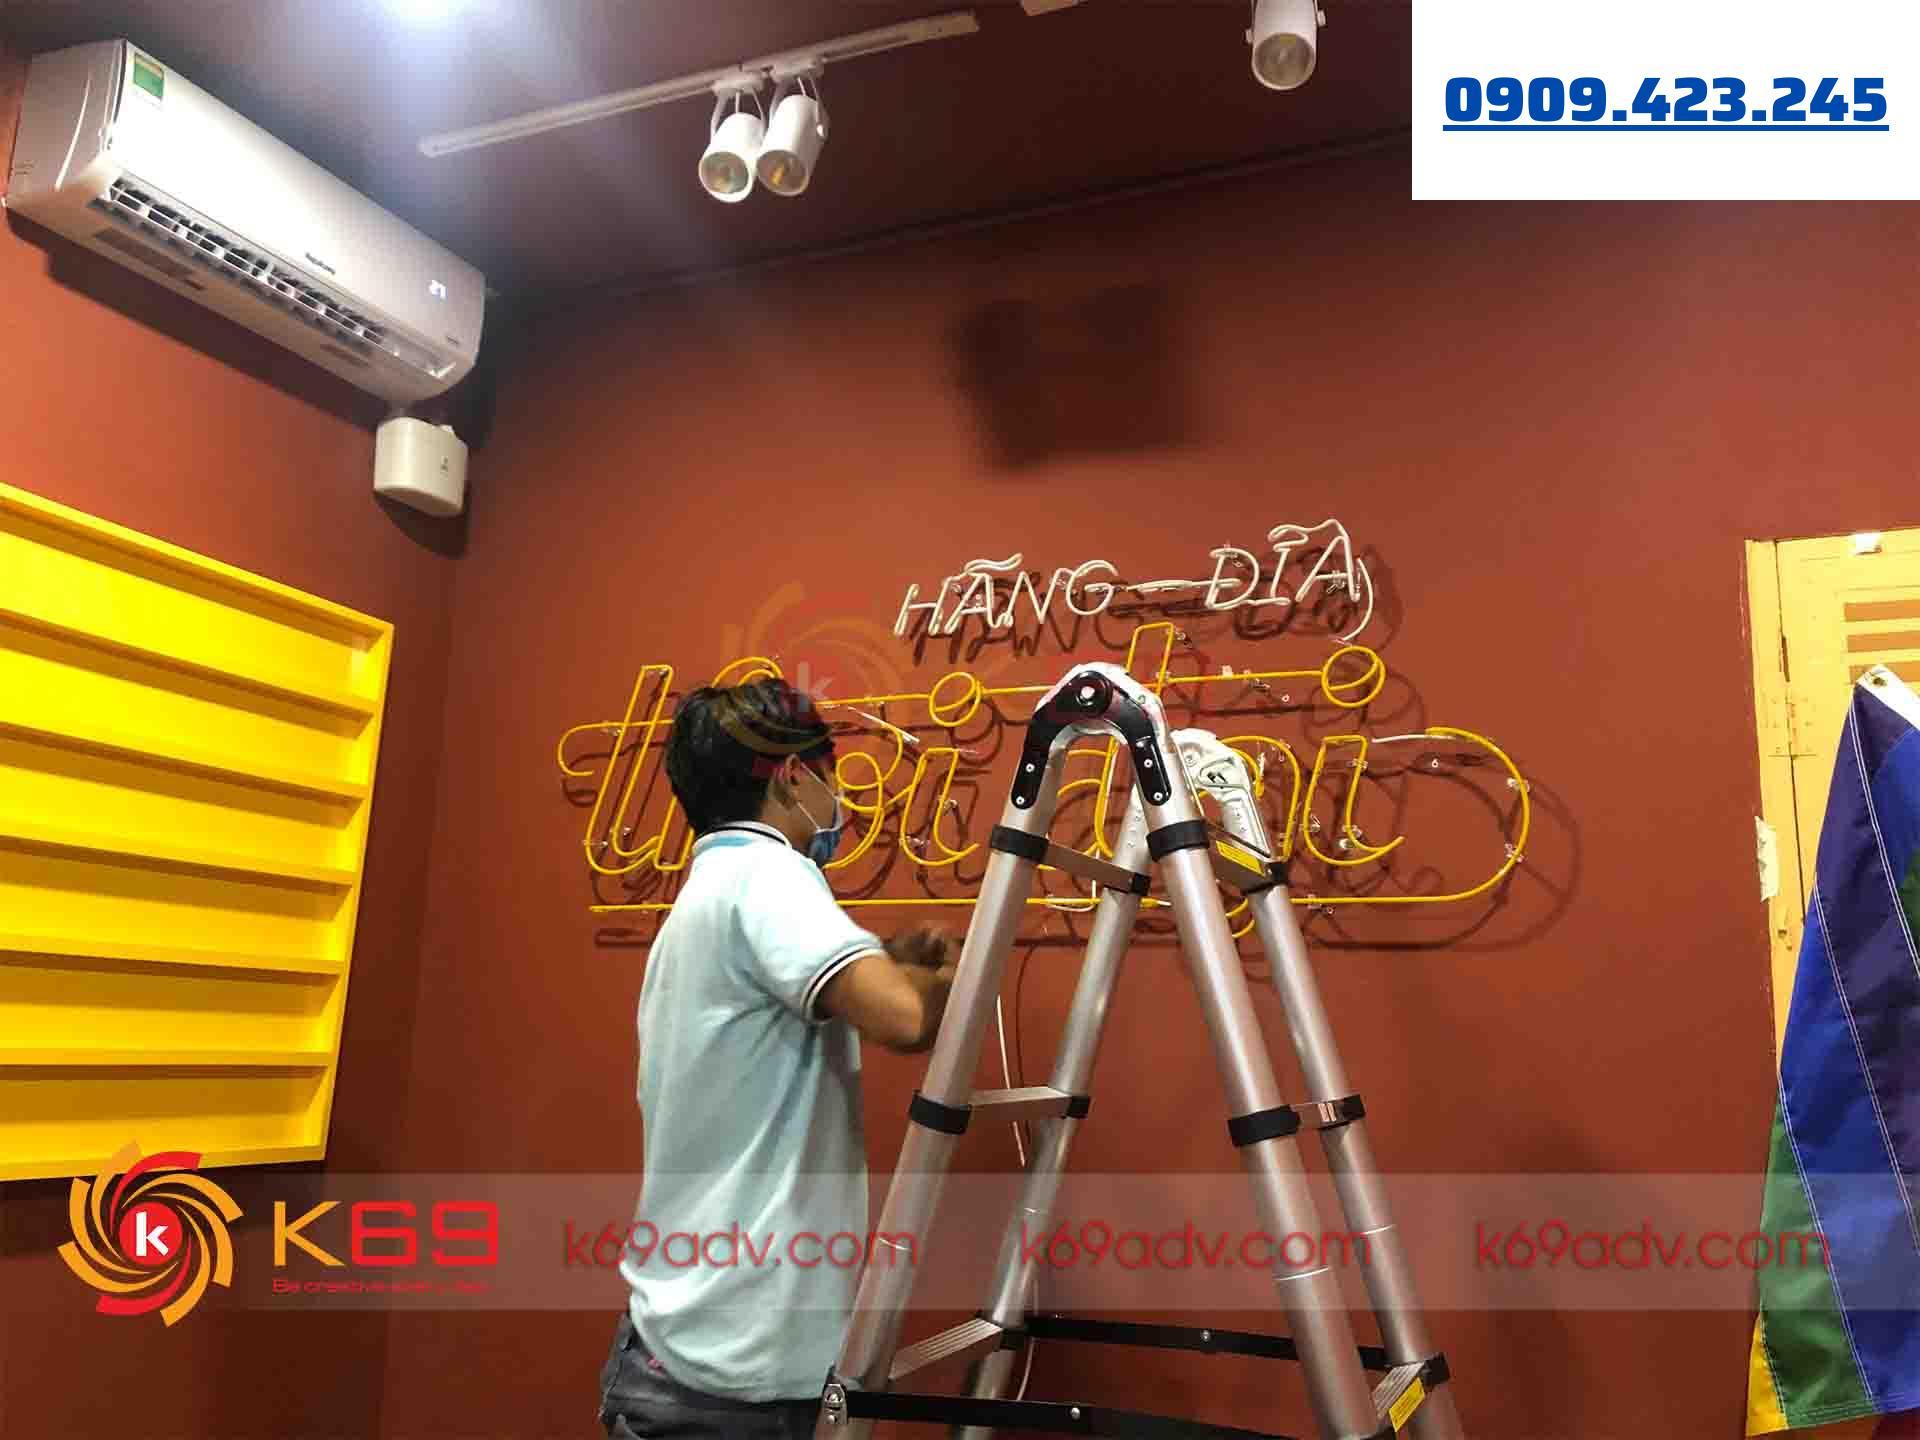 Ảnh thi công thực tế làm đèn Neon Sign tại K69ADV